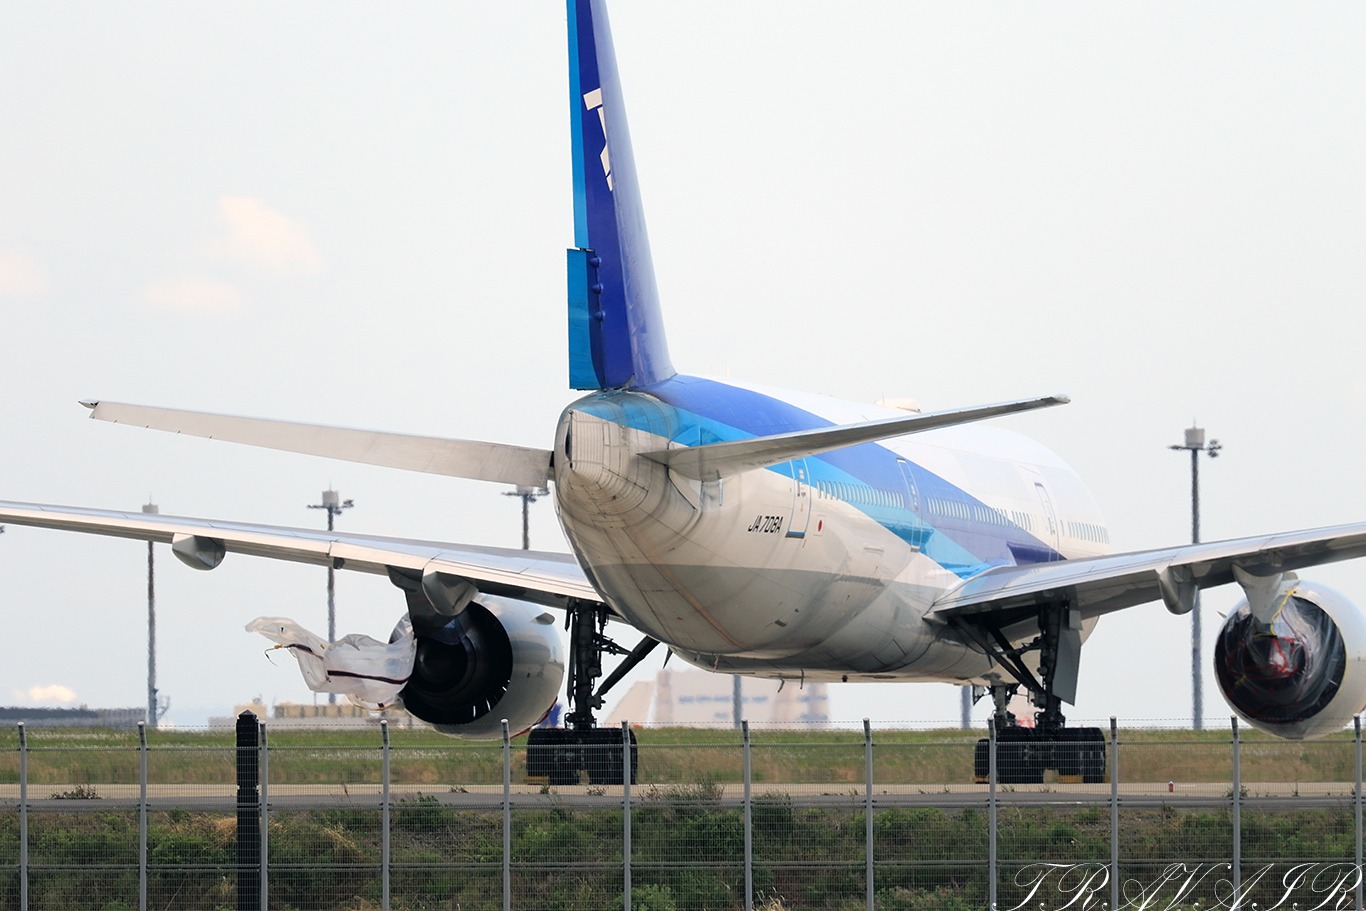 RJTT/HND/羽田 2021/5/2撮影レポート②